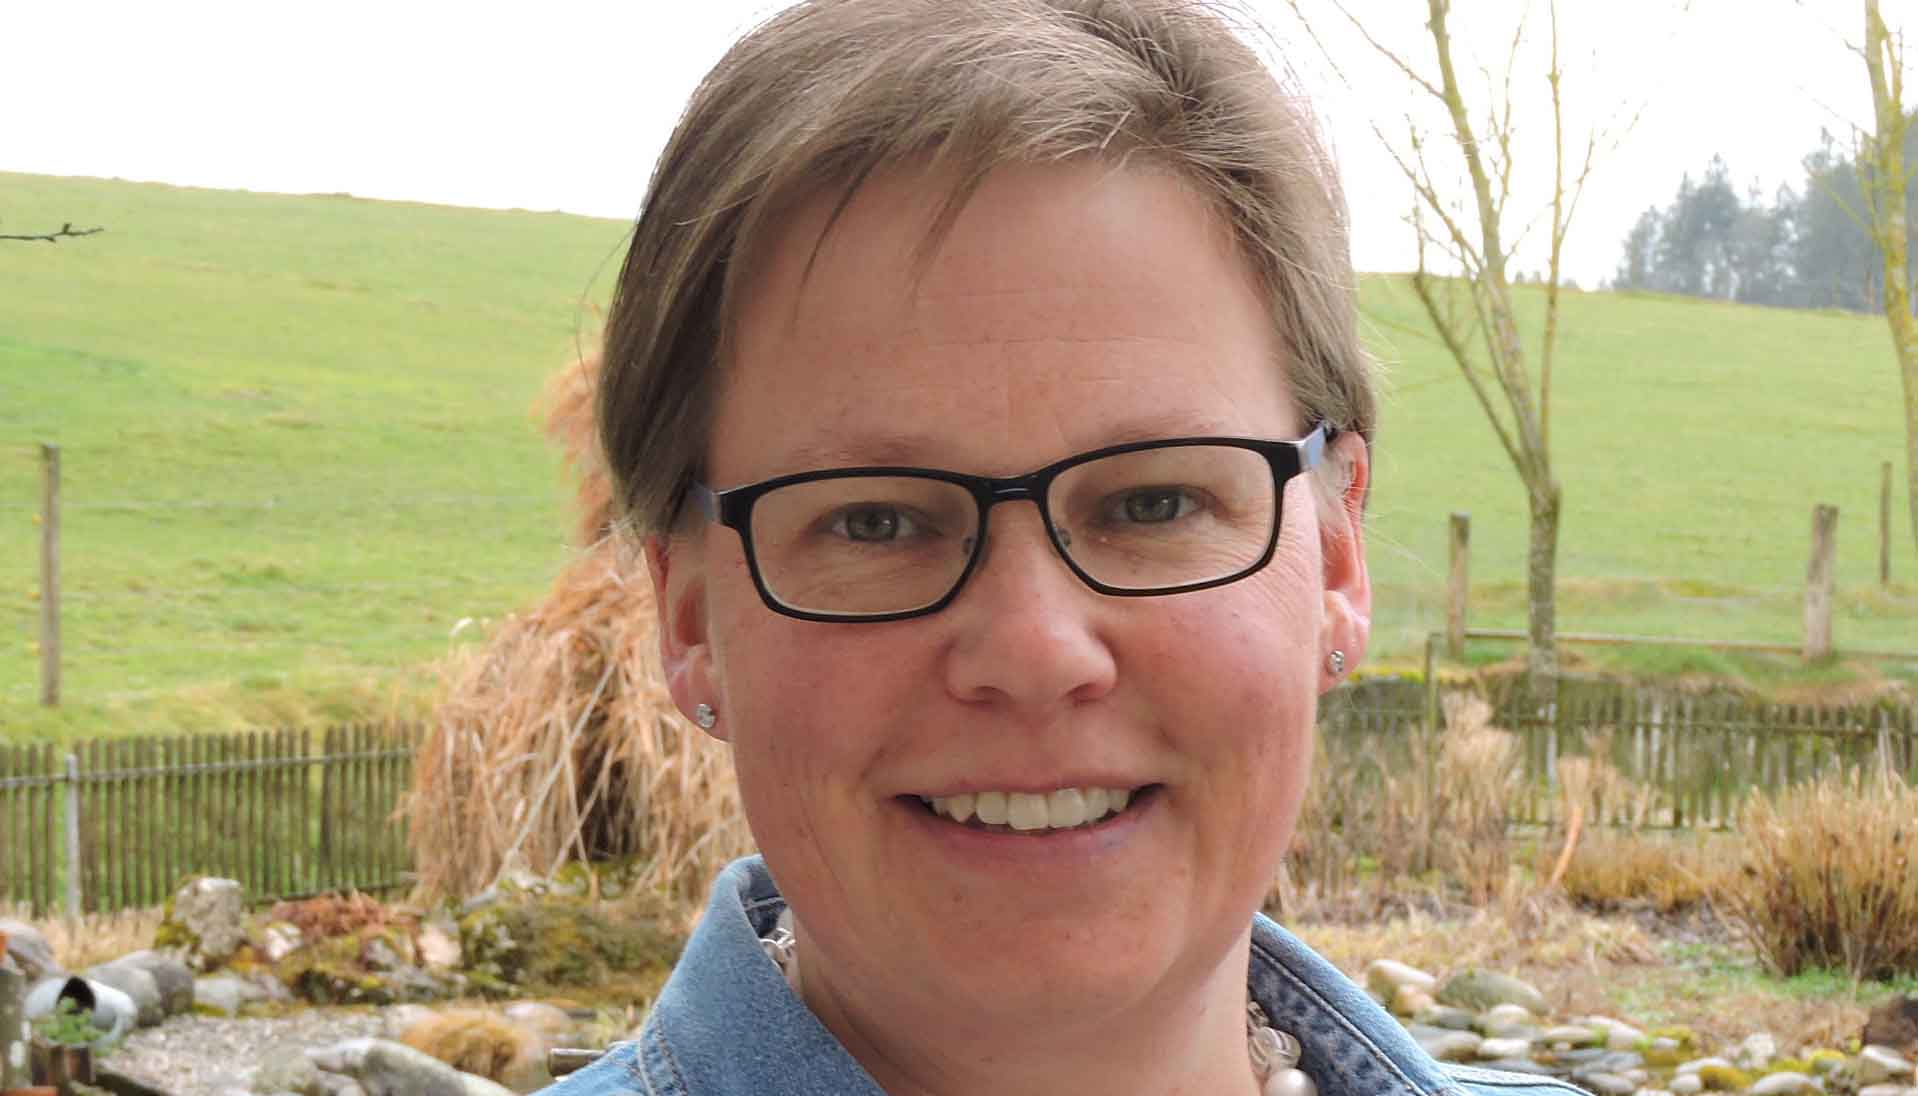 Gabi Schürch